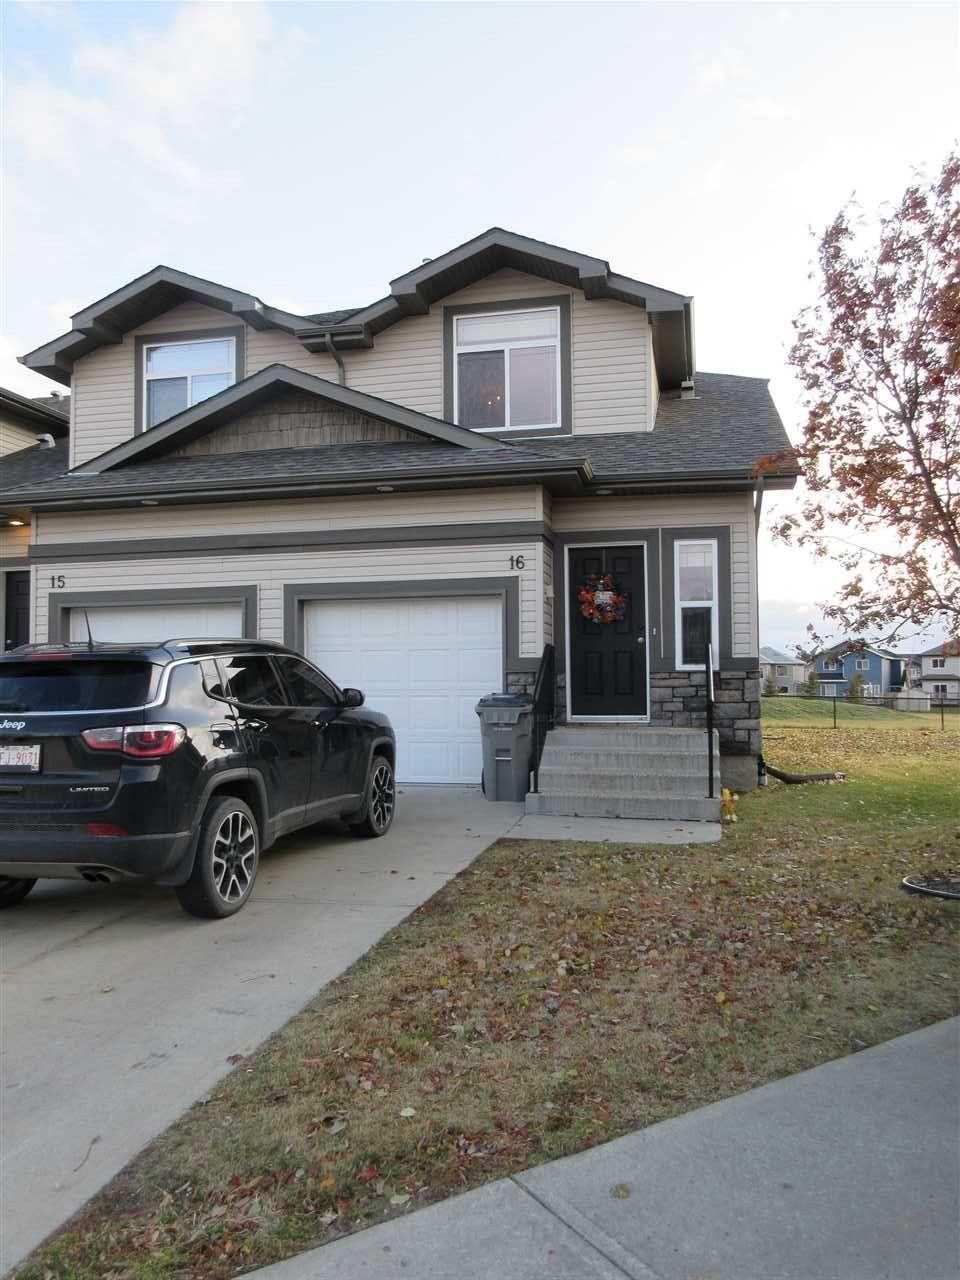 Main Photo: 16 9511 102 Avenue: Morinville Townhouse for sale : MLS®# E4247267